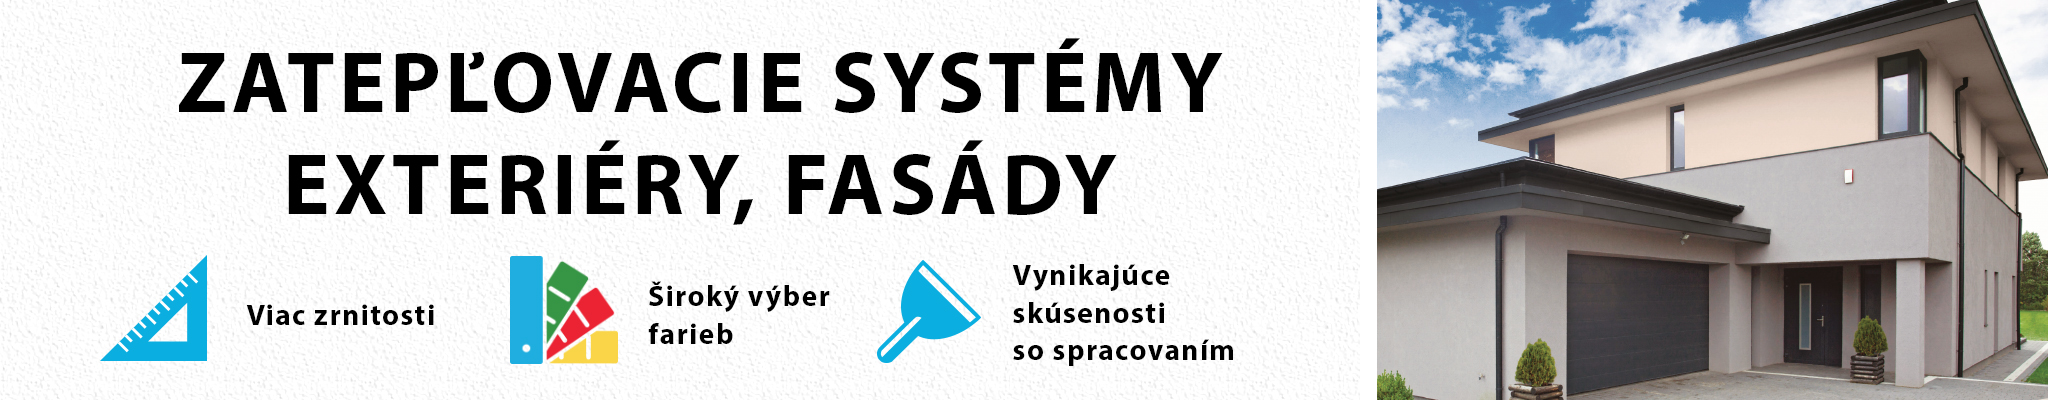 Zatepľovacie systémy